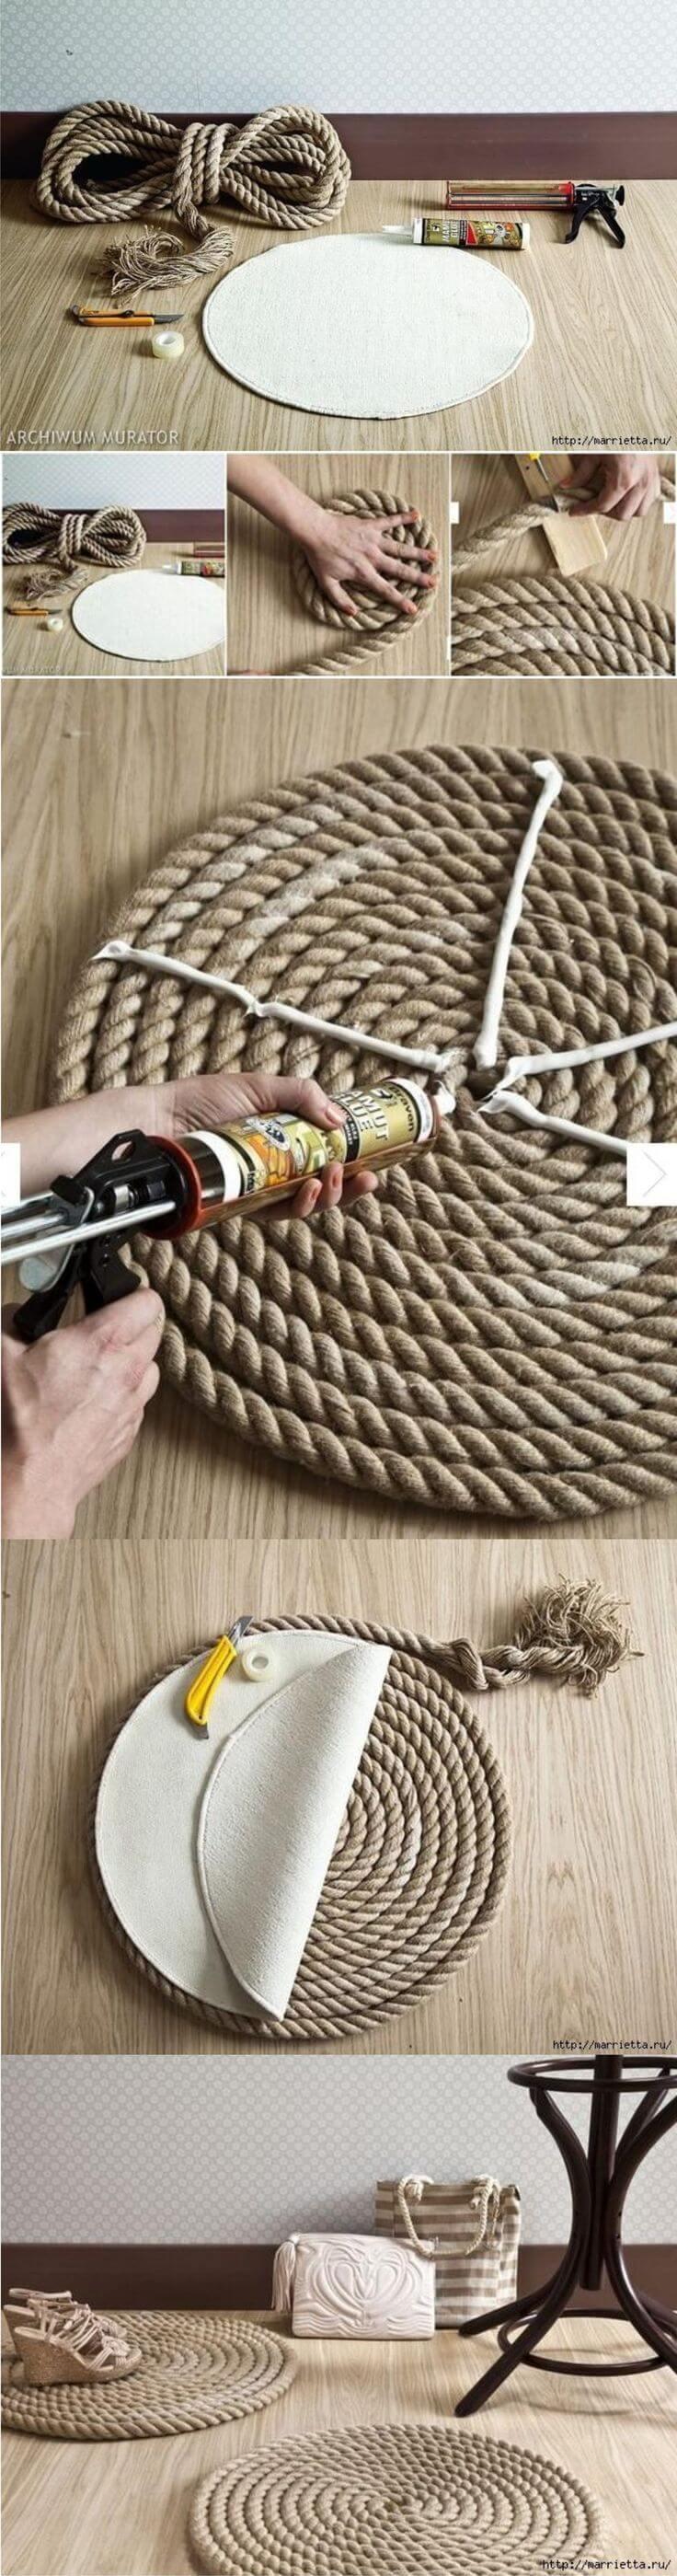 Tapis de corde en spirale pour votre entrée